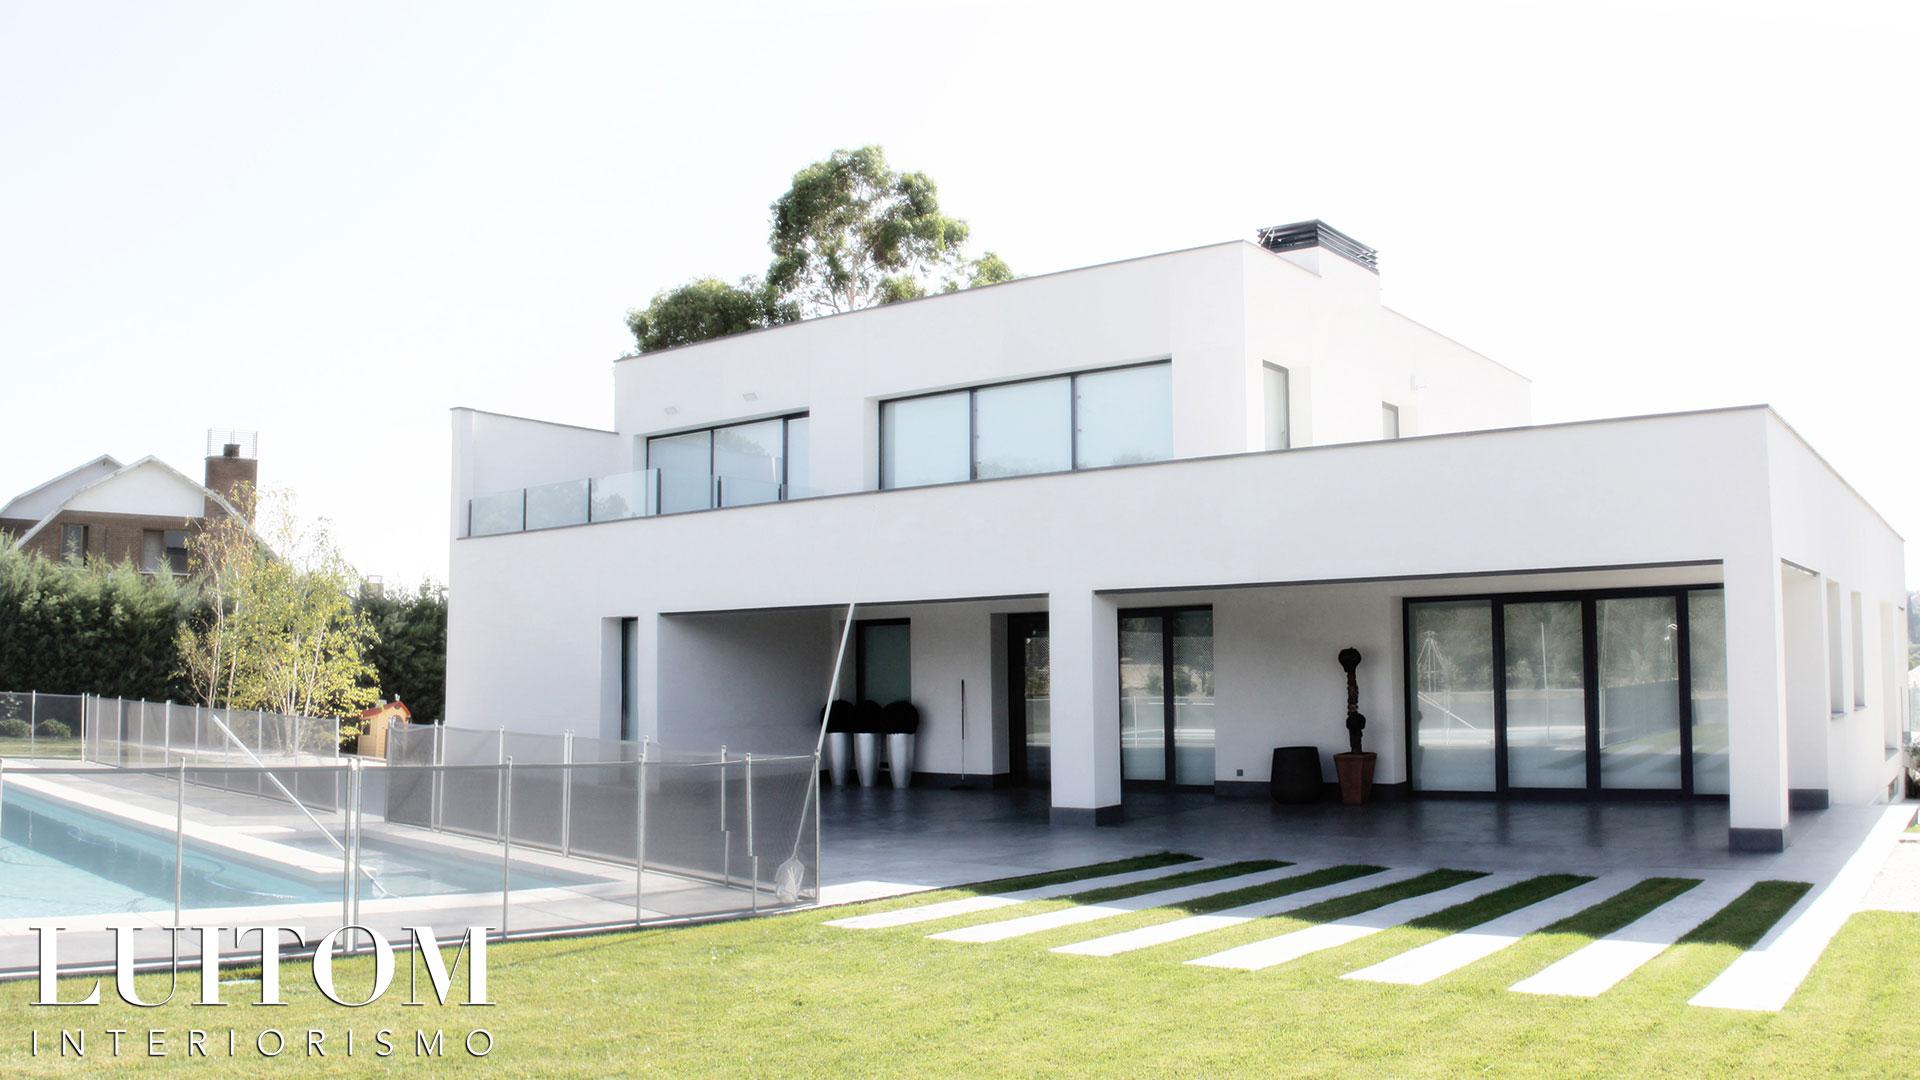 proyecto-arquitectura-construccion-casas-modernas-villas-lujo-madrid-malaga-valencia-arquitectos-luxury-house-spain-architects-003